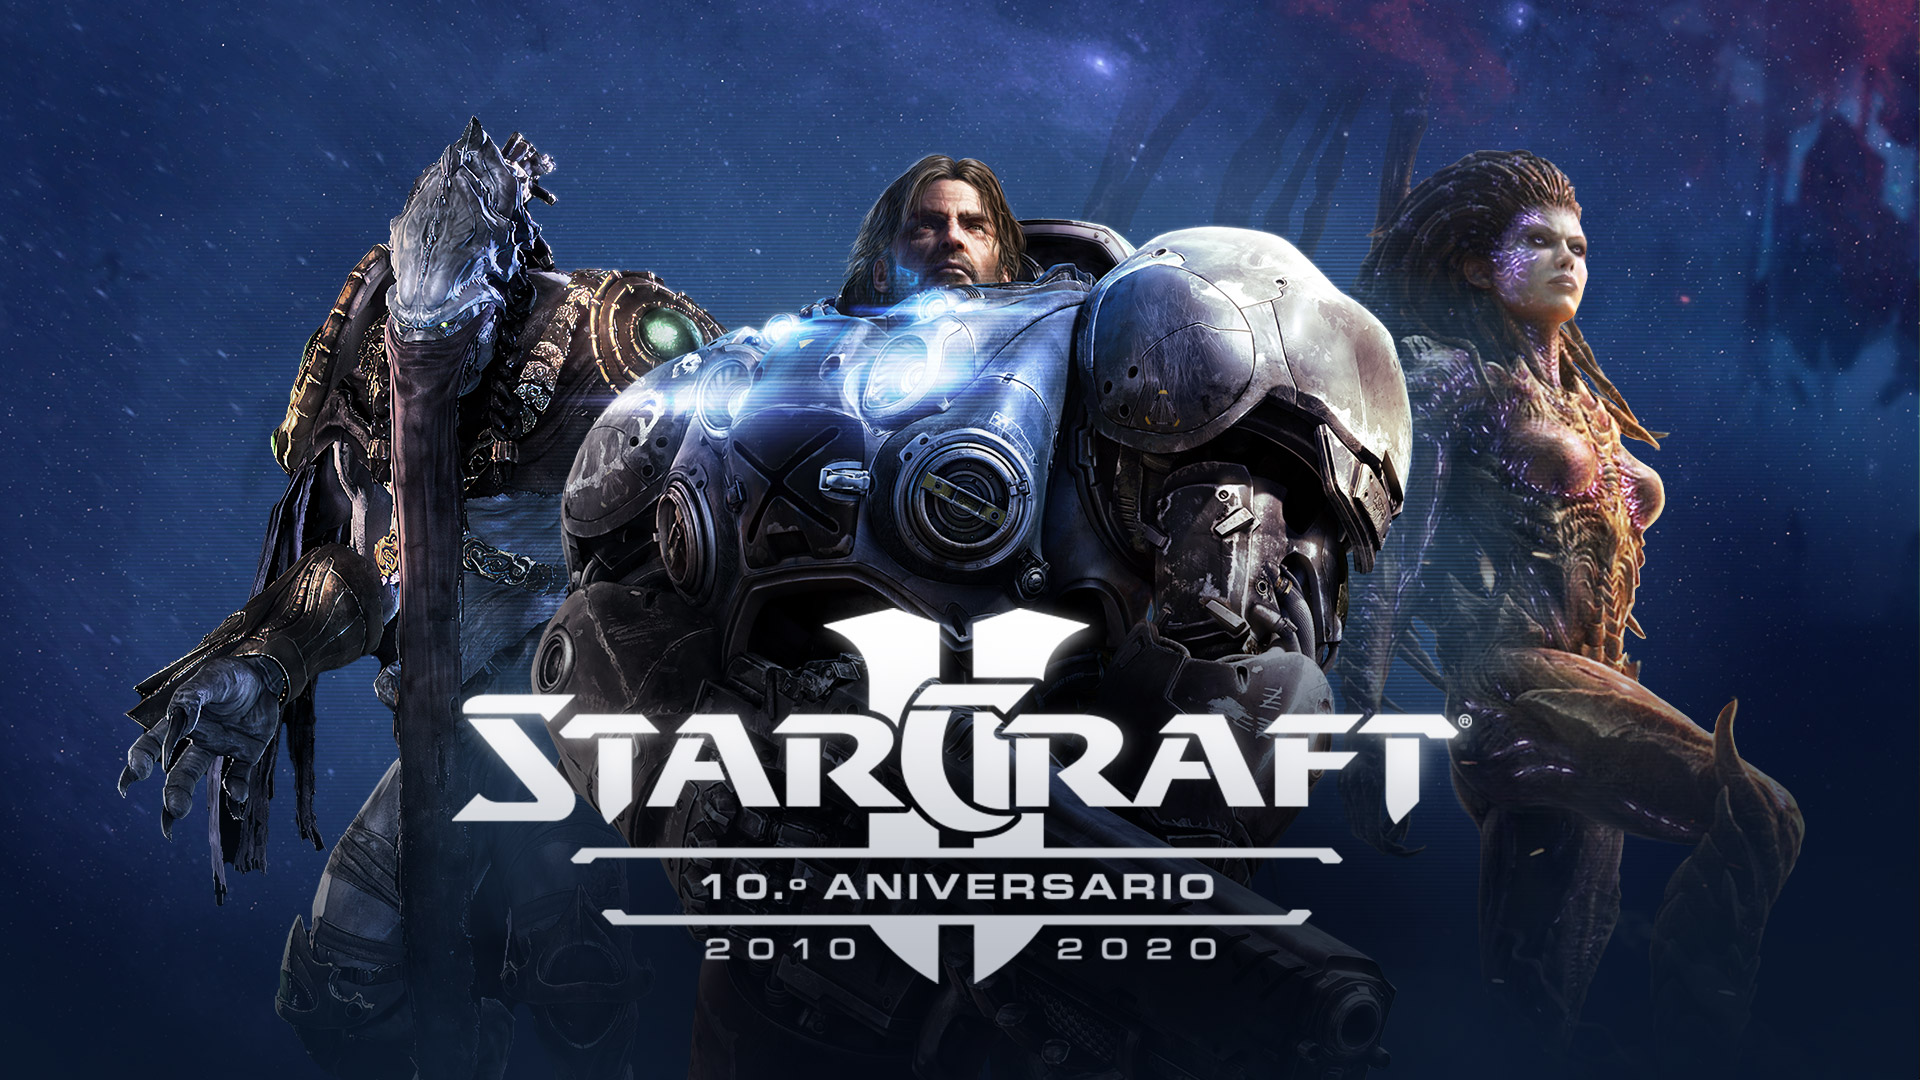 StarCraft II cumple 10 años – ¡Celebradlo con nosotros!